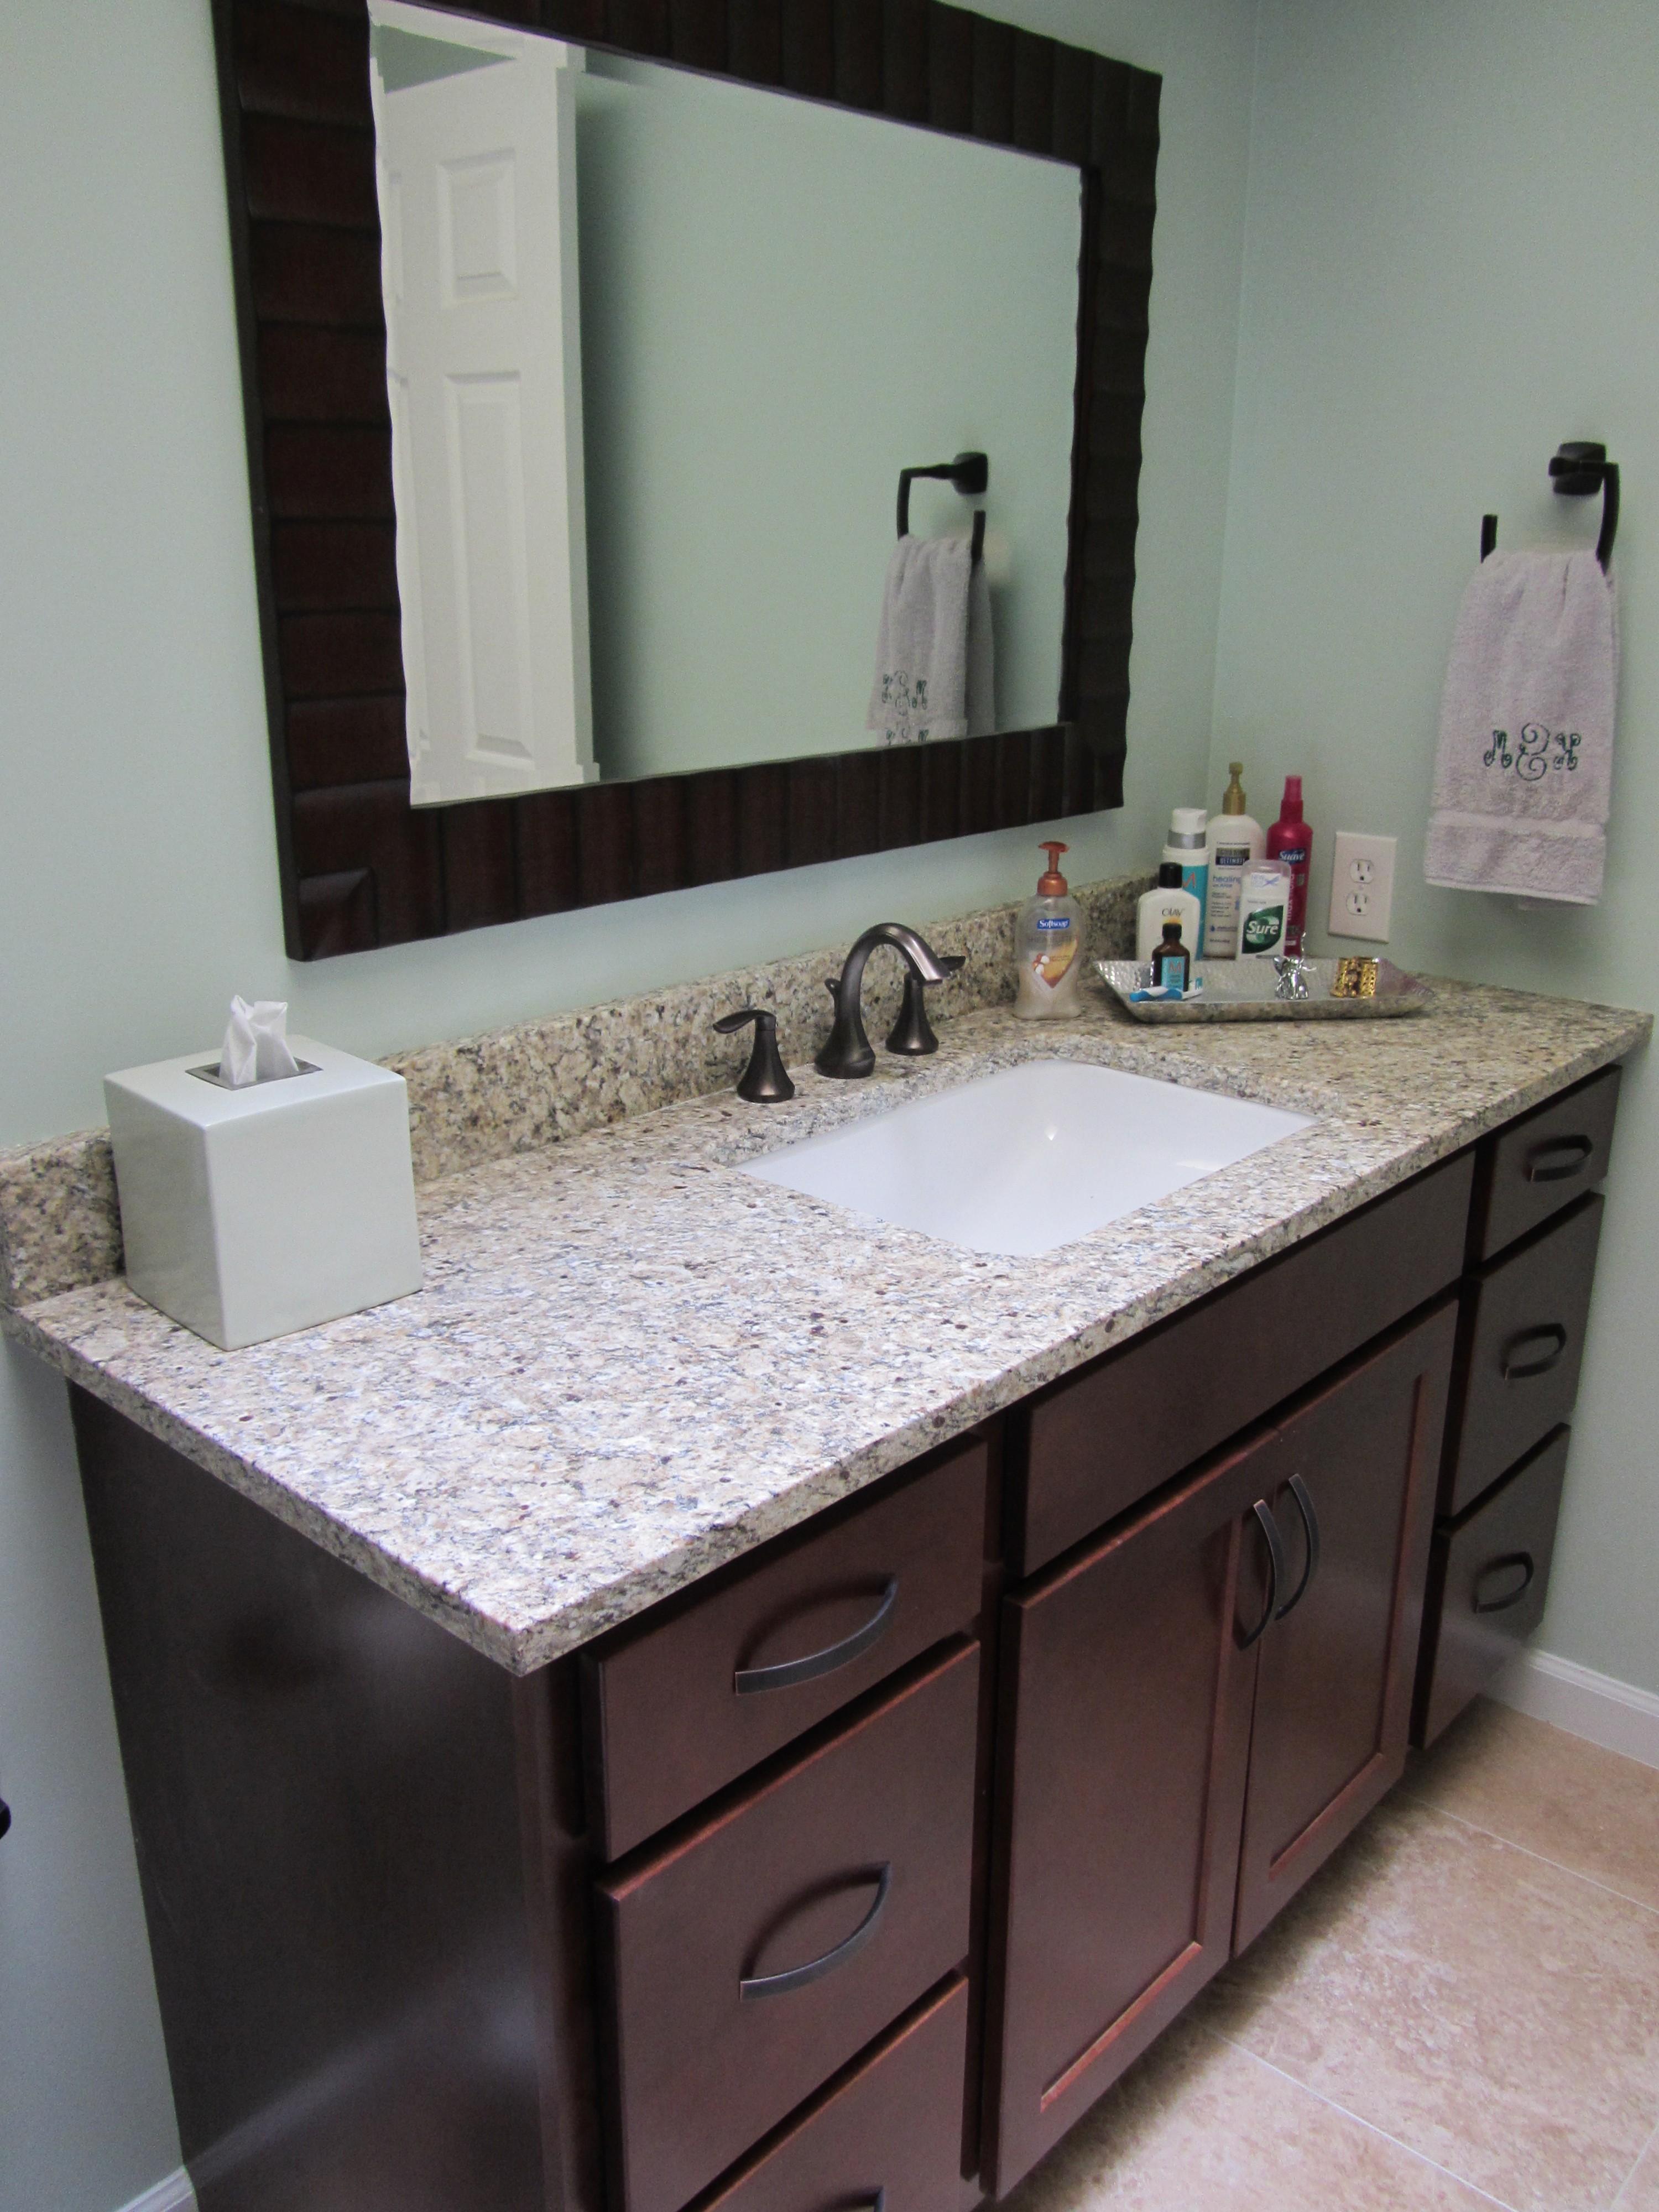 Home Depot Bathroom Vanities with tops top Vanity Bathroom Vanities with tops Ikea Menards Bathroom Sinks Picture